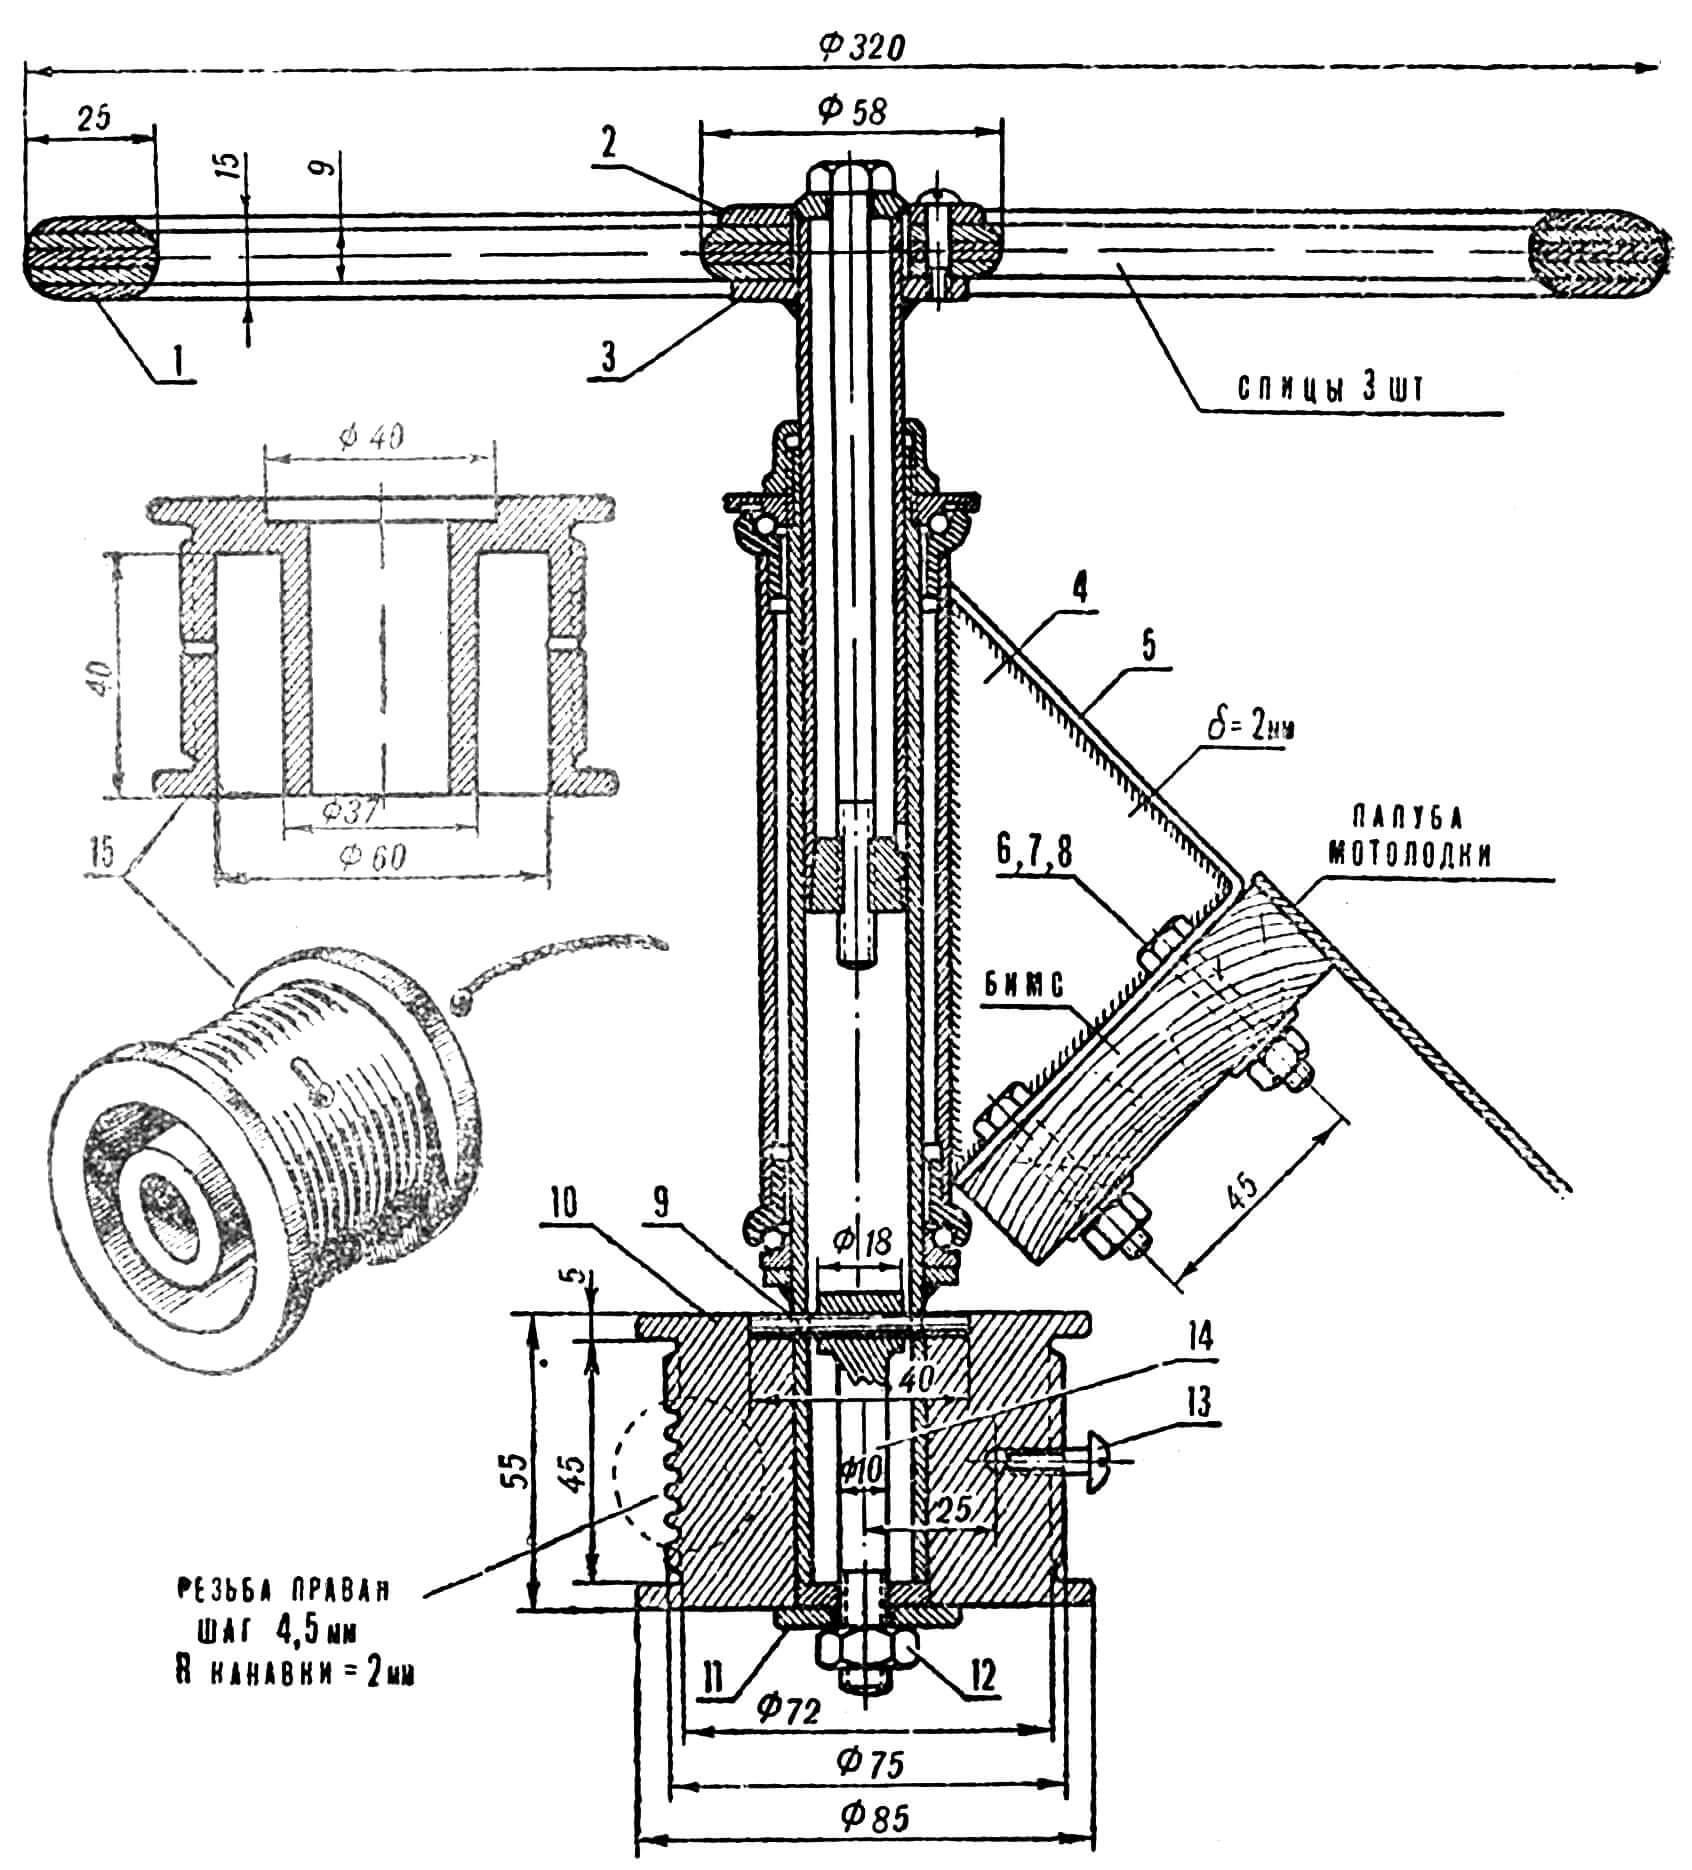 Рис. 3. Детали штурвала: 1 — рулевое колесо, выклеенное из авиафанеры толщиной 3 мм (5 слоев); 2 — прижимная шайба (сталь толщ. 3 мм); 3 — опорное кольцо, приваренное к трубе (сталь толщ. 3 мм); 4 — косынка крепления колонки к бимсу (сталь толщ. 3 мм); 5 — угольник крепления колонки к бимсу (сталь толщ. 2 мм); 6, 7, 8 — болты ( ø = 6 мм) крепления колонки к бимсу; 9 — чека; 10 — рулевой барабан; 11 — шайба прижимная; 12 — гайка прижимная; 13 — винт крепления; 14 — ушковый болт; 15 — вариант рулевого барабана с креплением концов троса в фасонных отверстиях. (Рулевой барабан этого типа позволяет делать штуртрос из двух половин, что дешевле и удобнее в эксплуатации.)